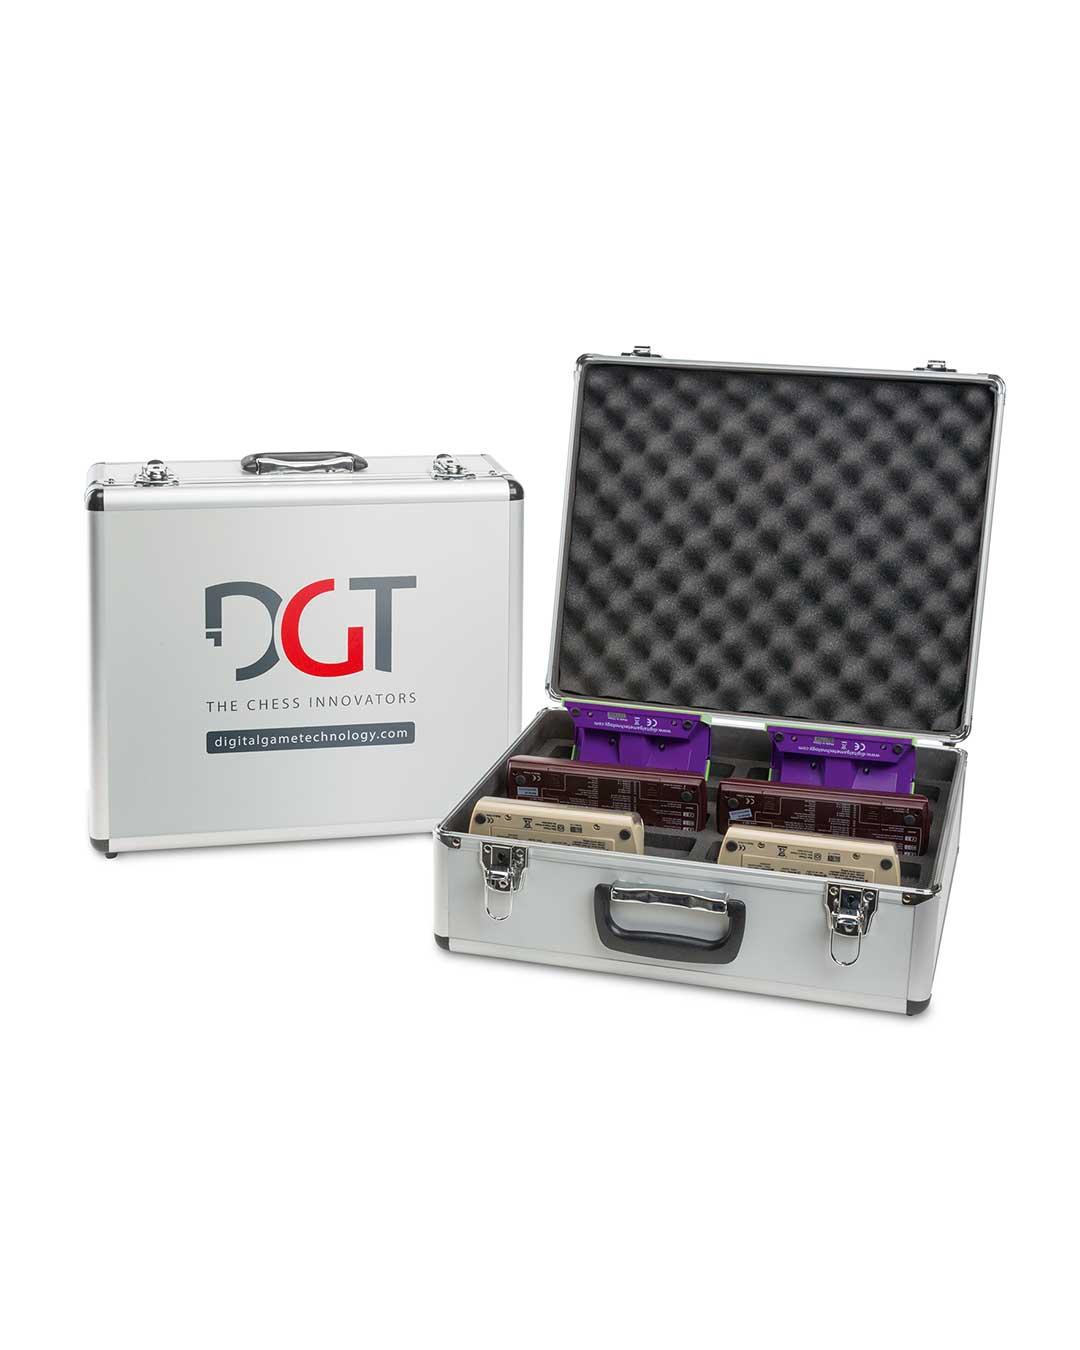 Caja universal para guardar relojes DGT